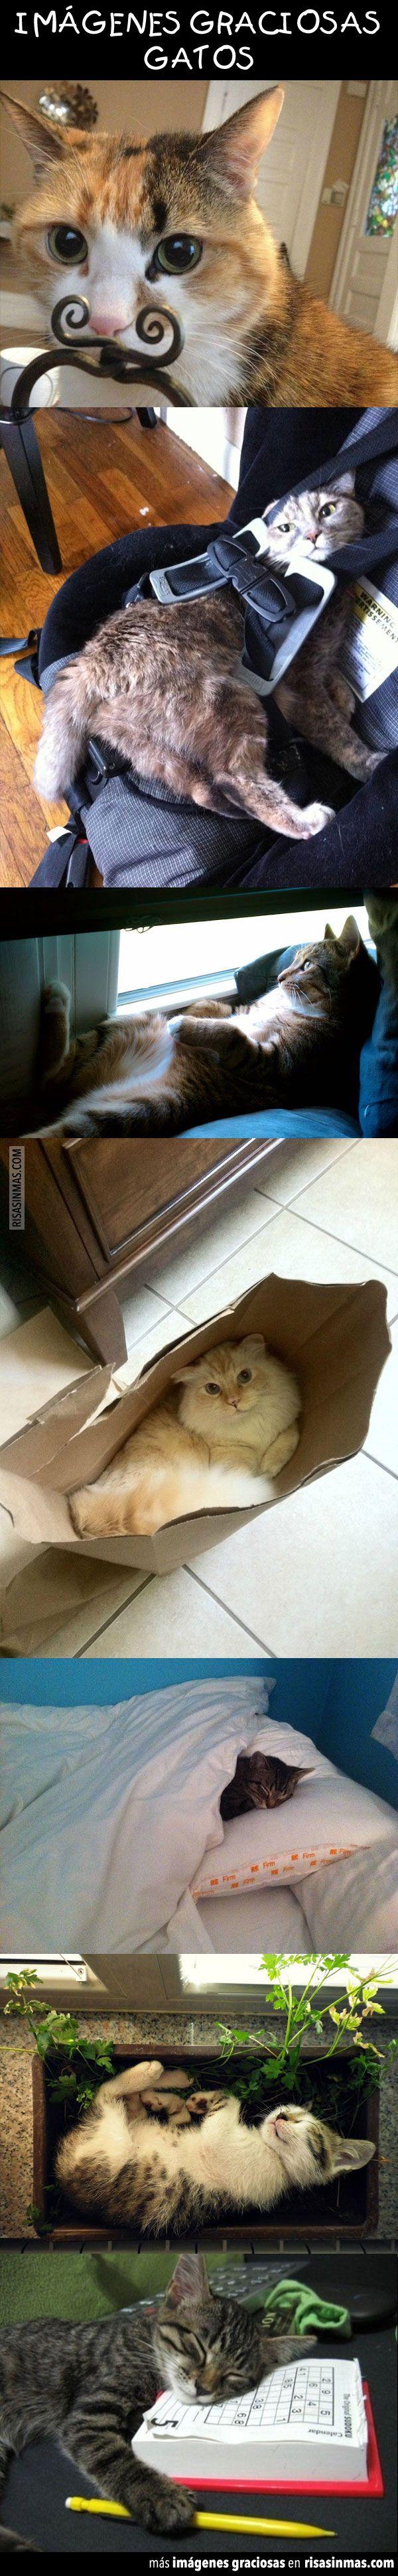 Imágenes graciosas: Gatos